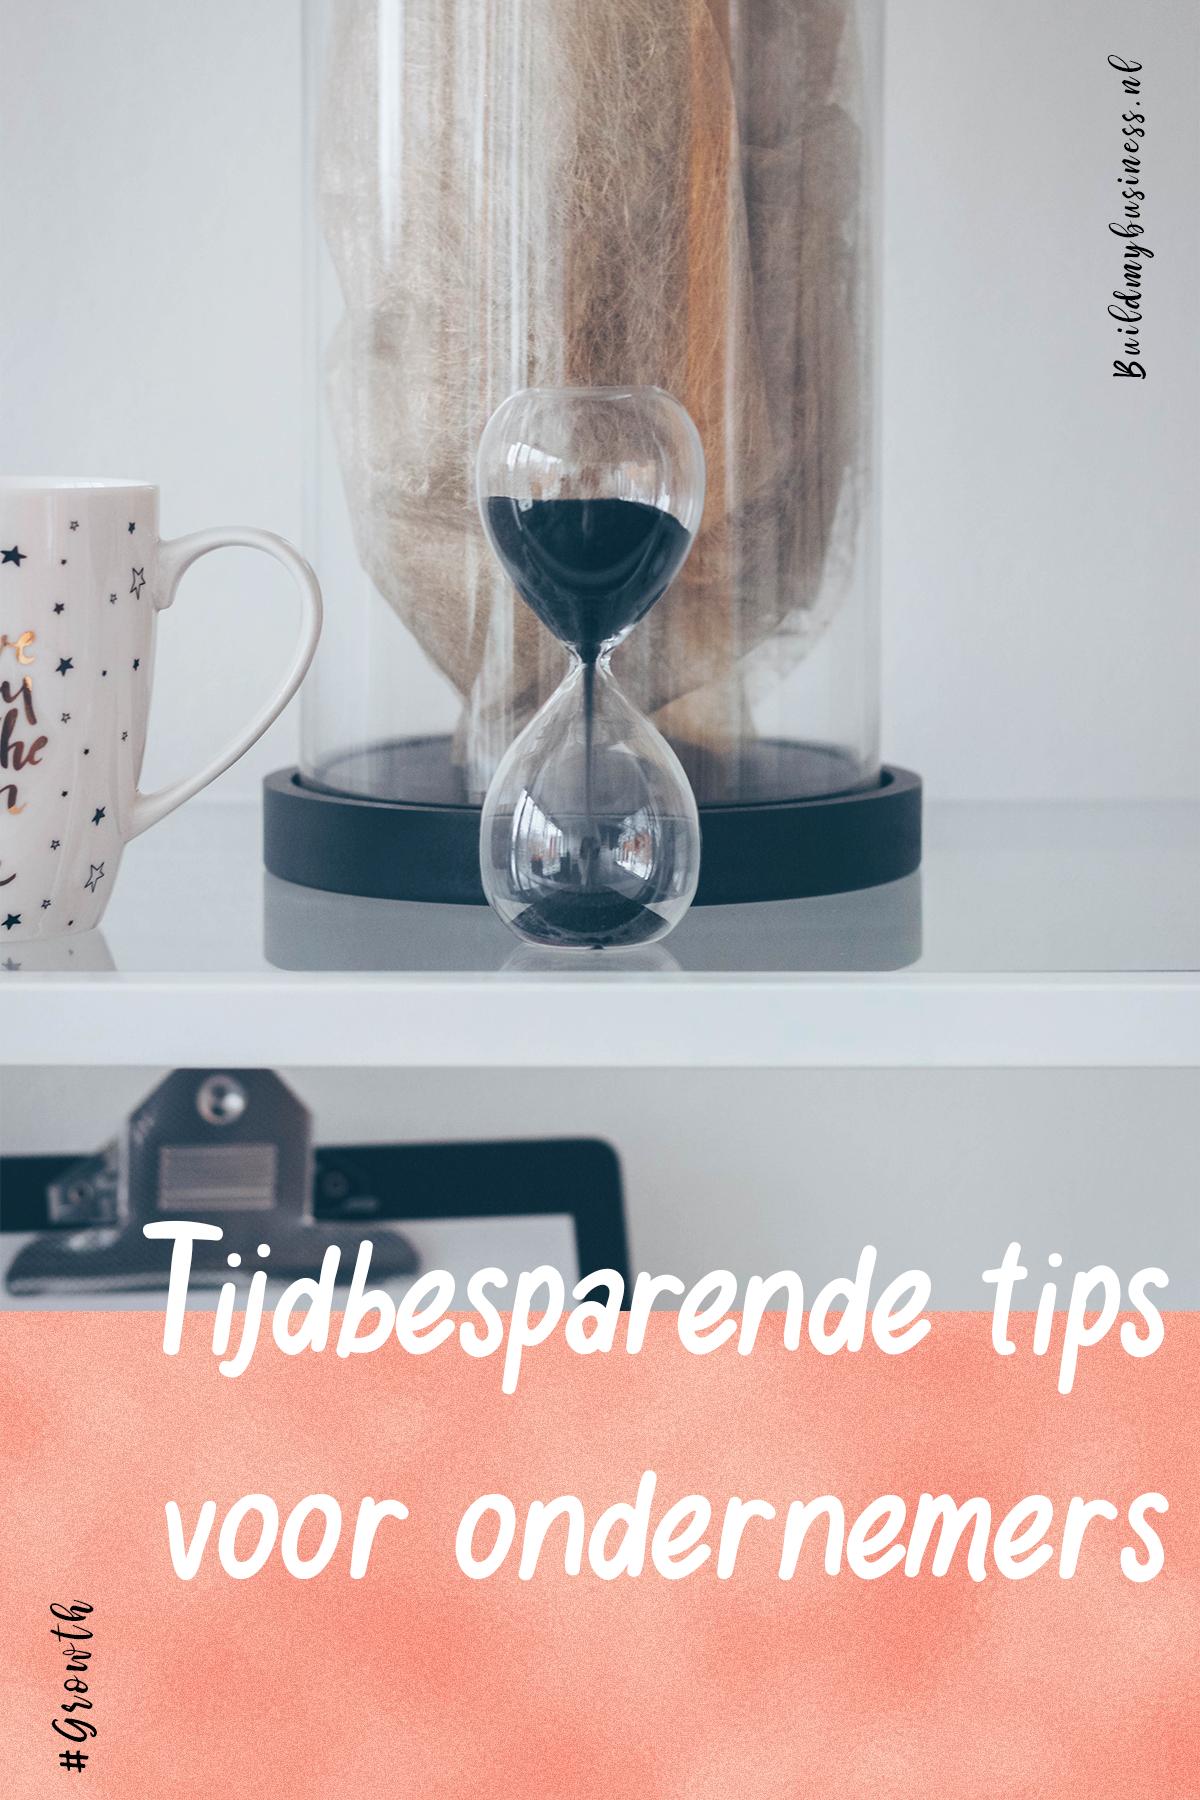 Tijdbesparende tips voor ondernemers